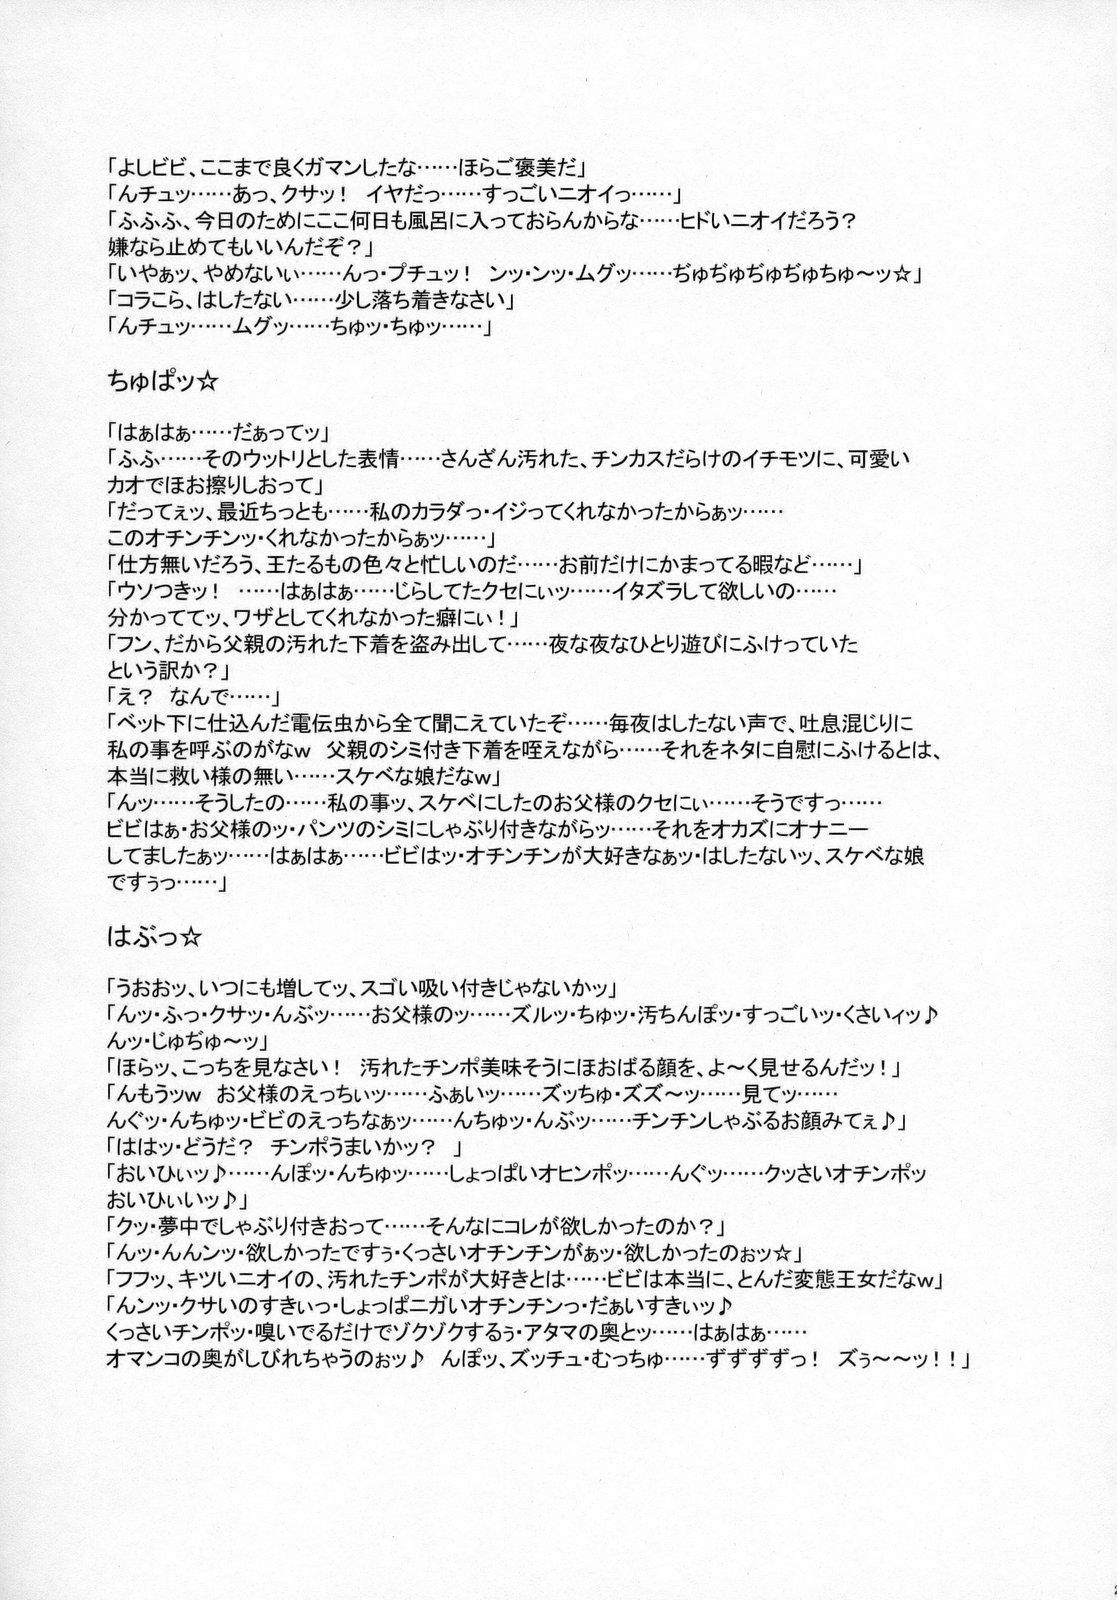 Nippon Practice 2 27